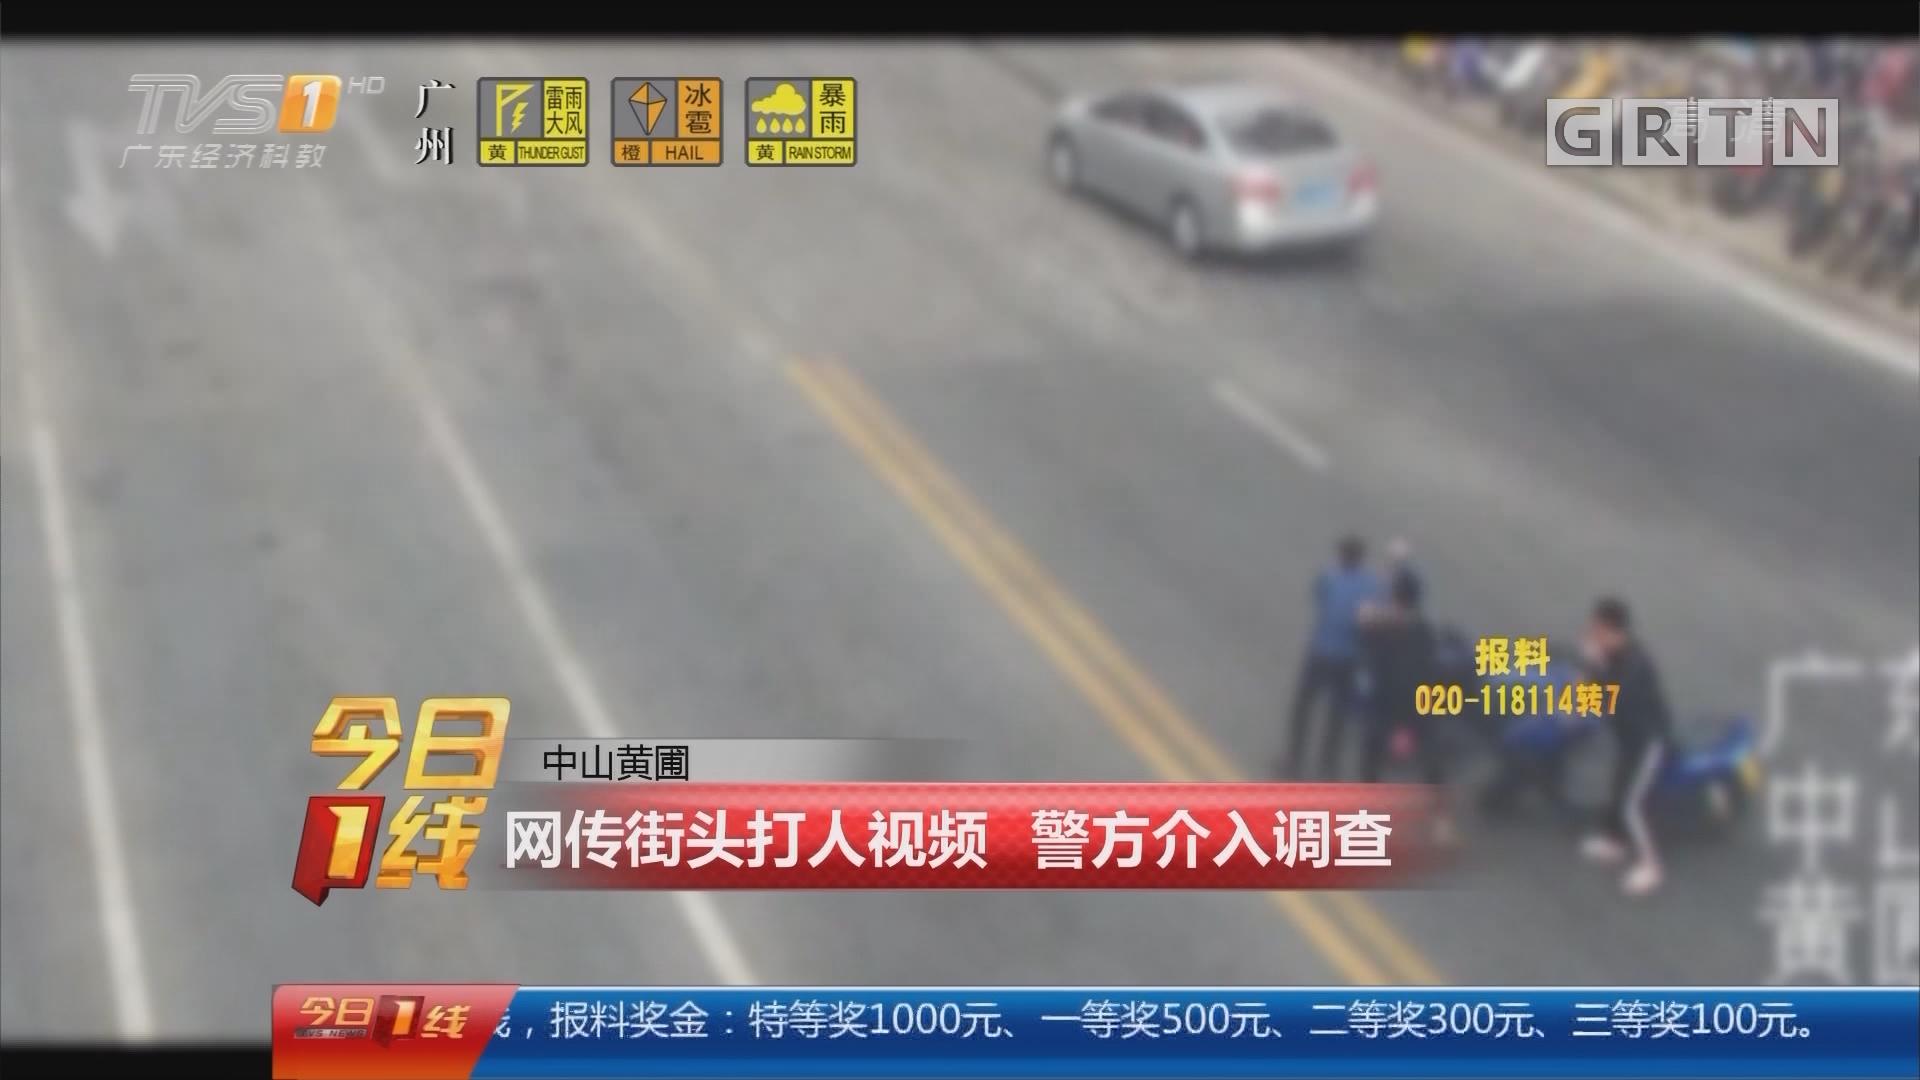 中山黄圃:网传街头打人视频 警方介入调查